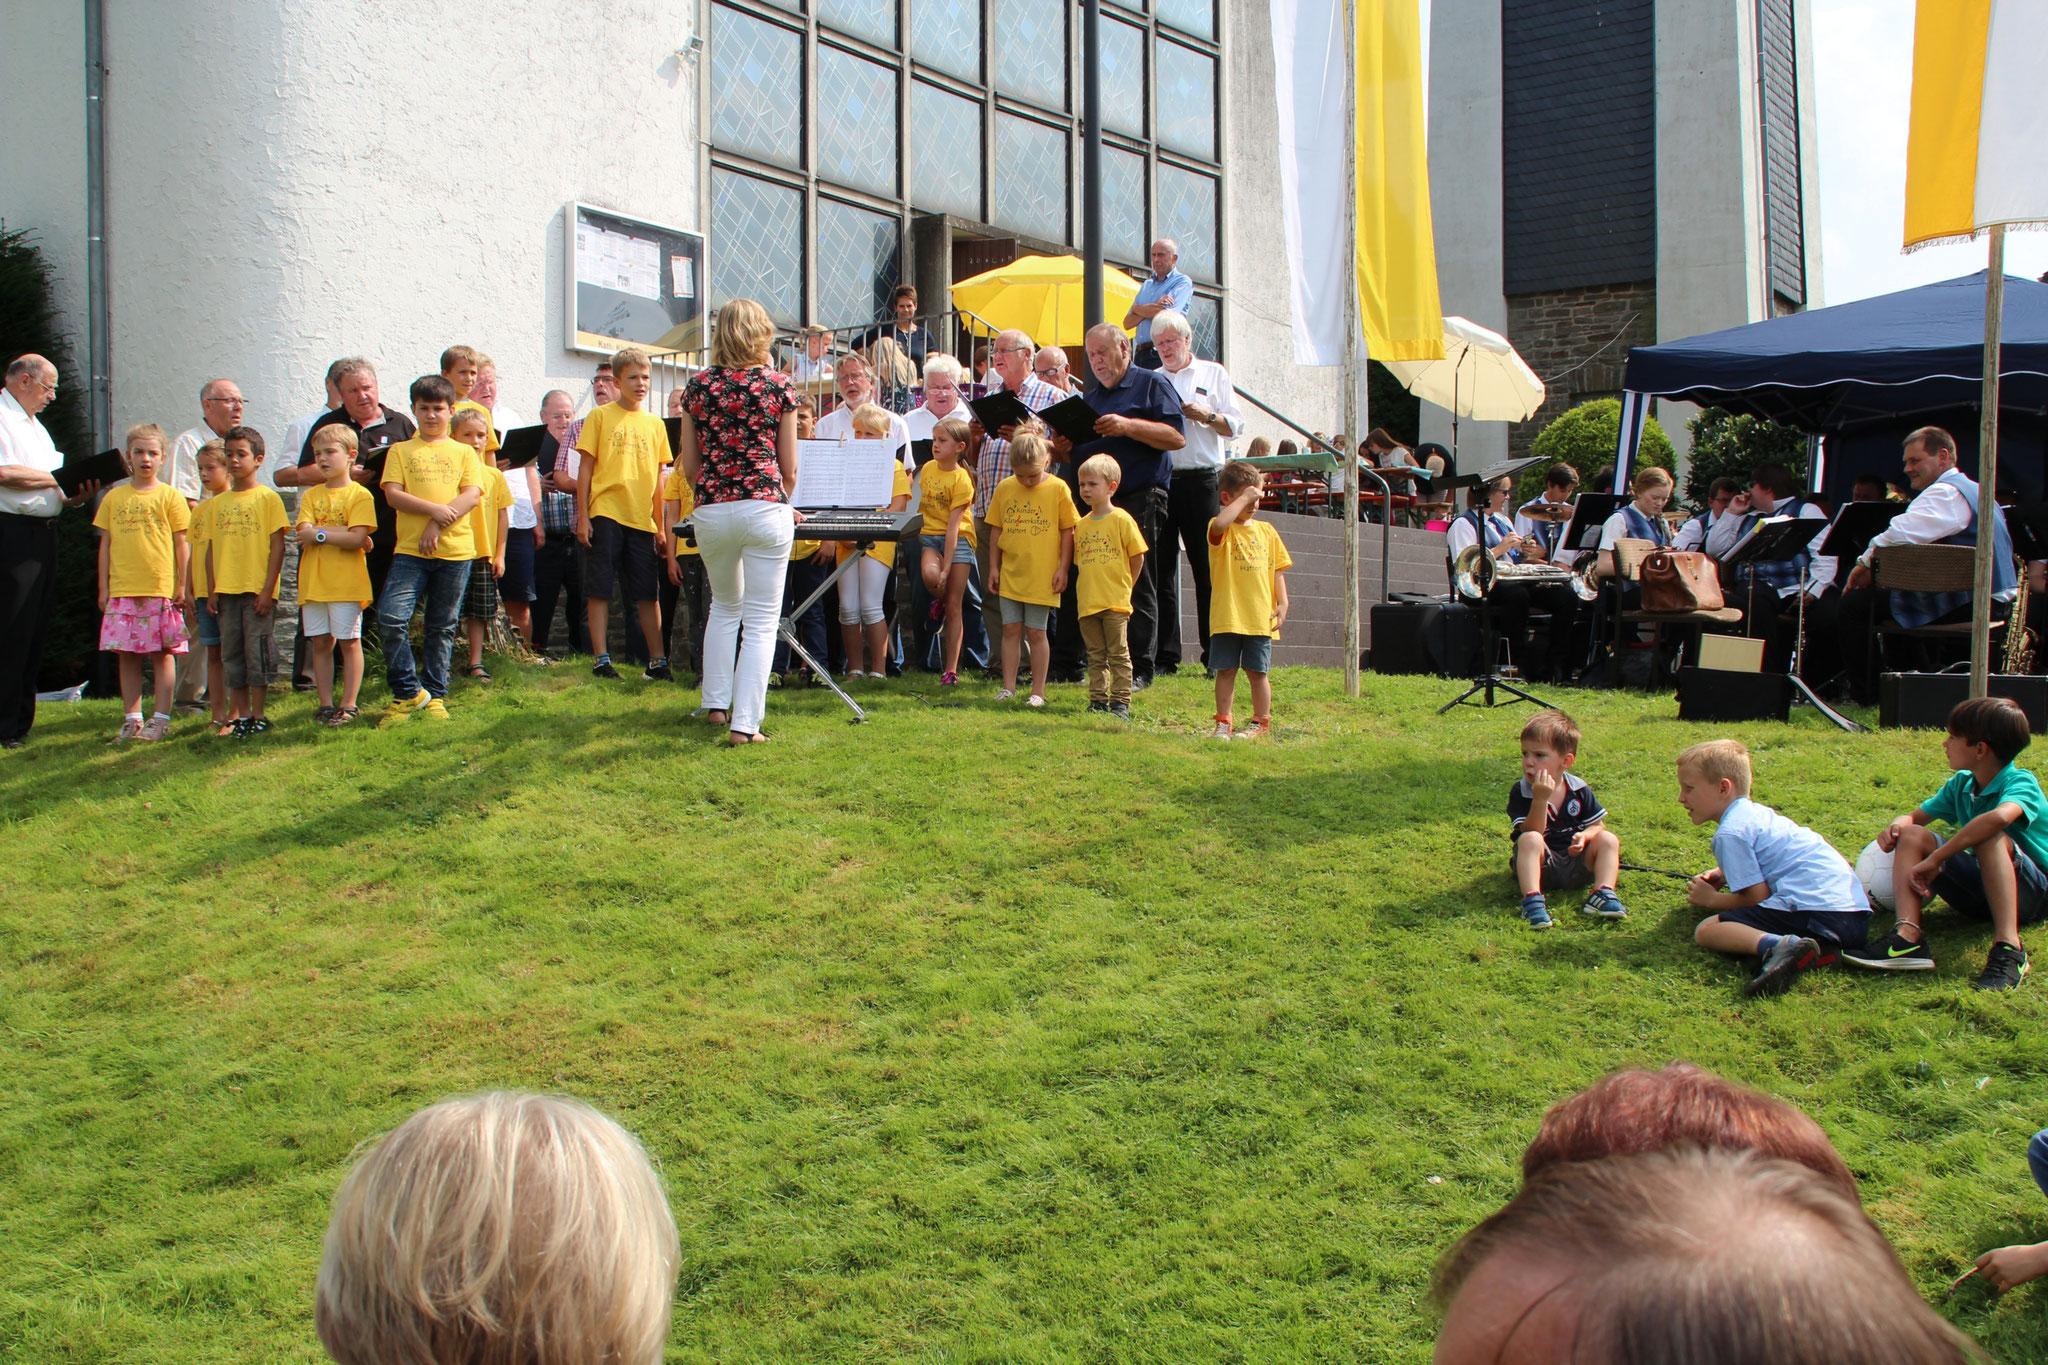 """Kinder- und Männerchor, eine Sängerfamilie. Stefan Hehl folgt staunend dem Vortrag der Chorgemeinschaft: """"Ich wollte nie erwachsen sein."""""""